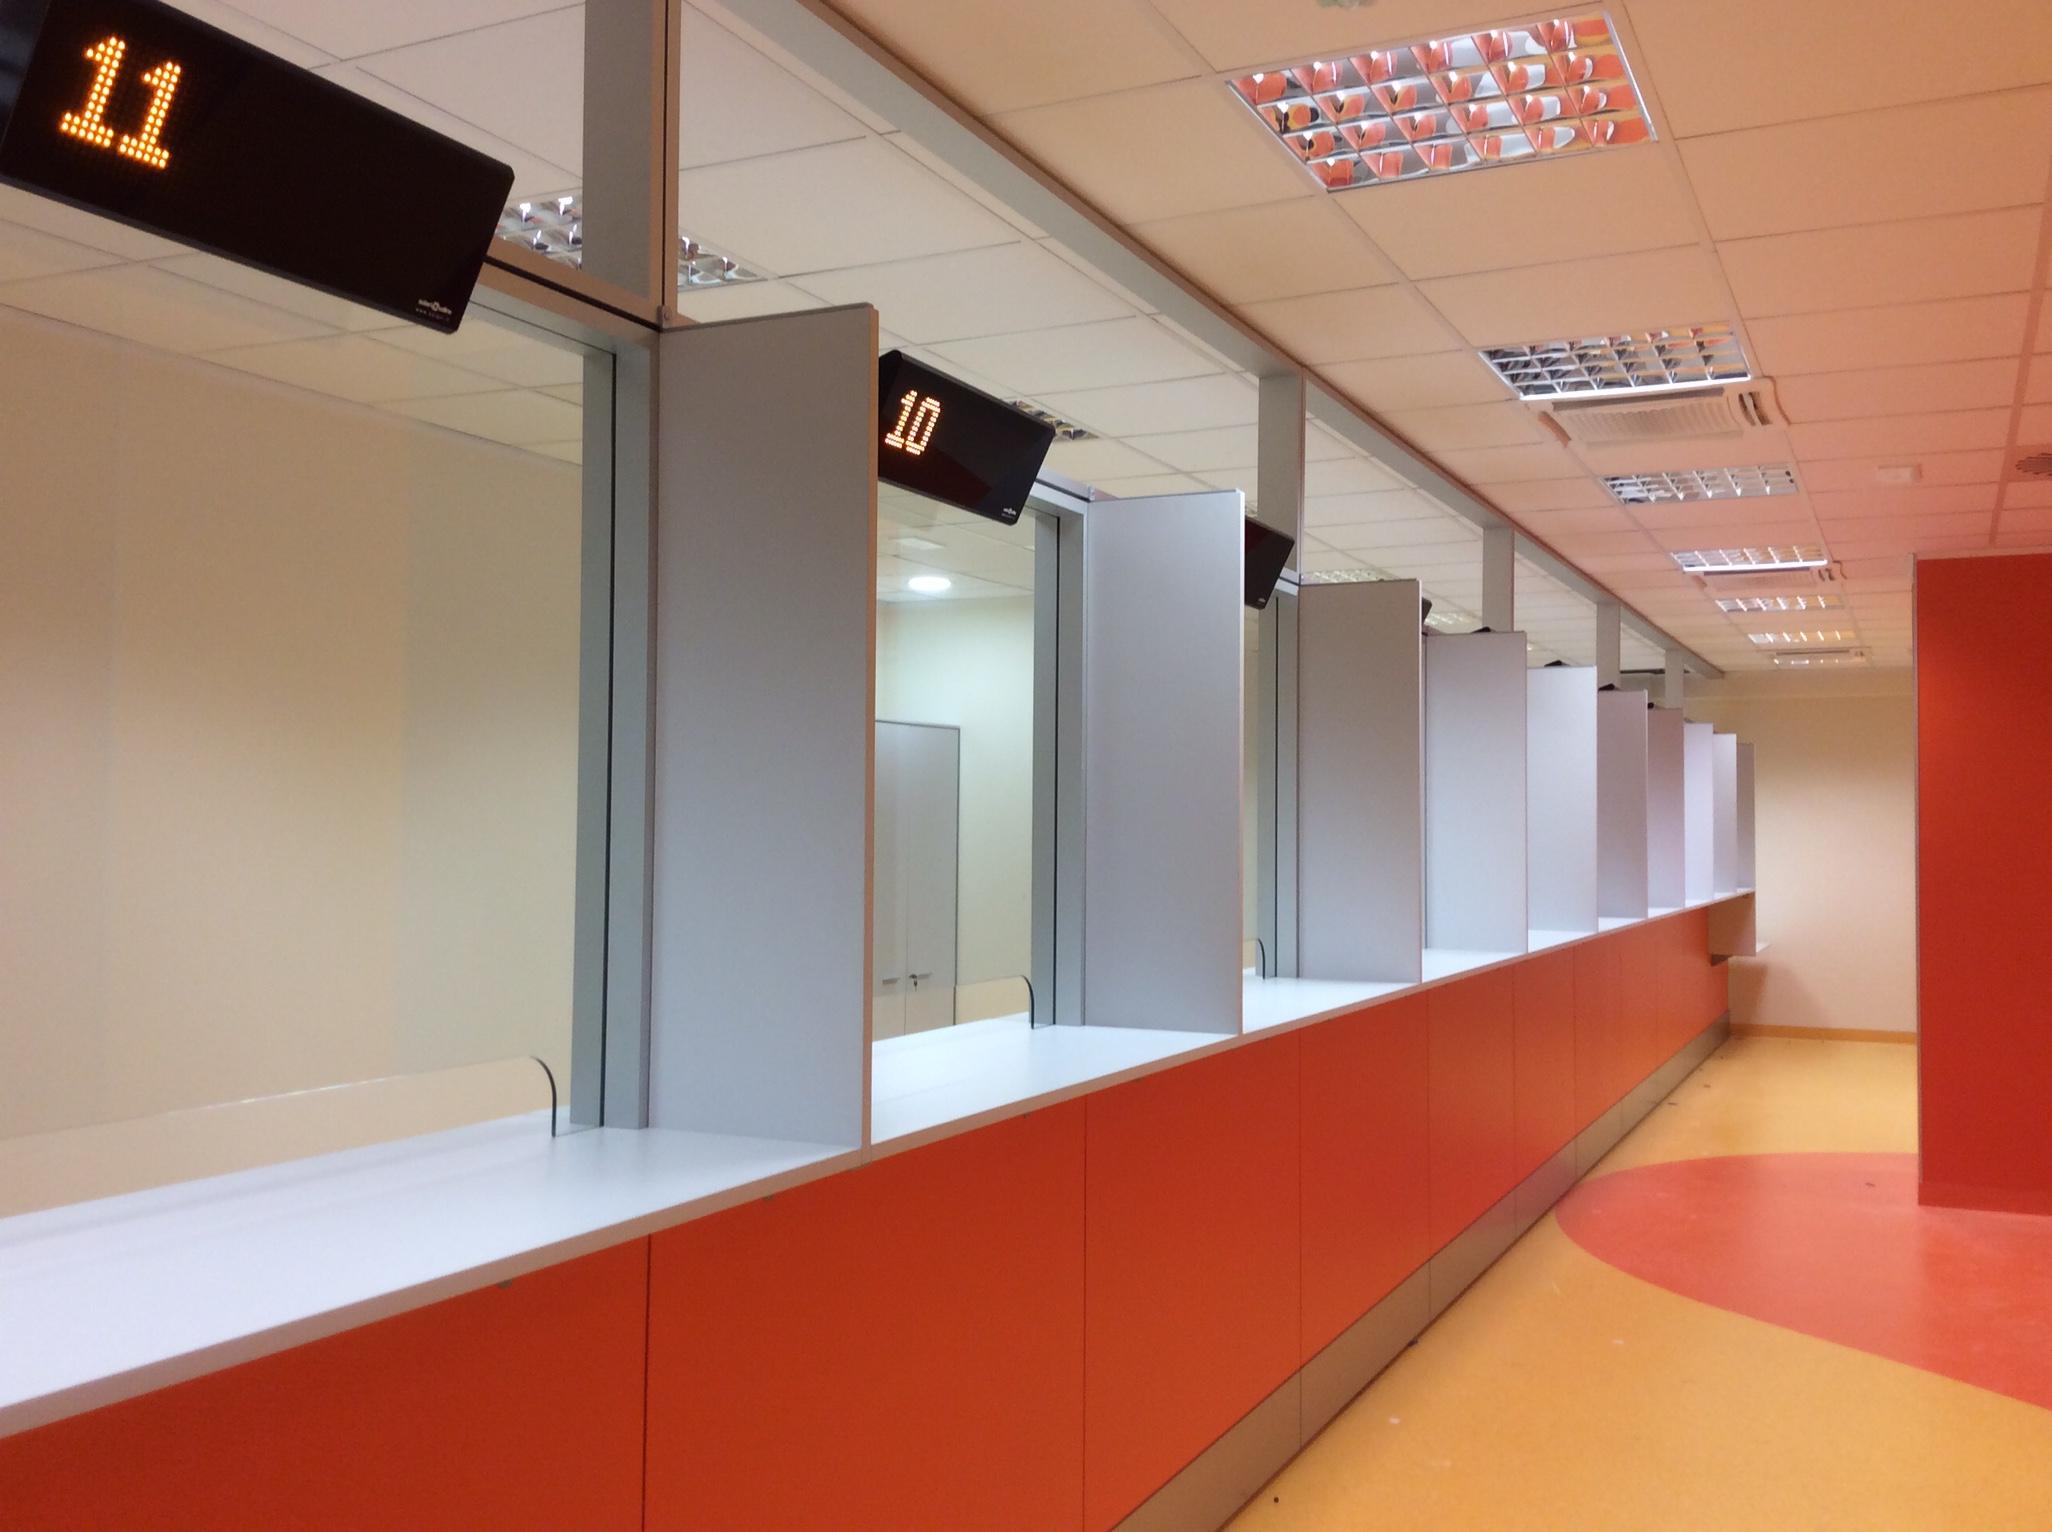 5 Realizzazione su misura parete attrezzata ospedale - Riganelli Arredamenti